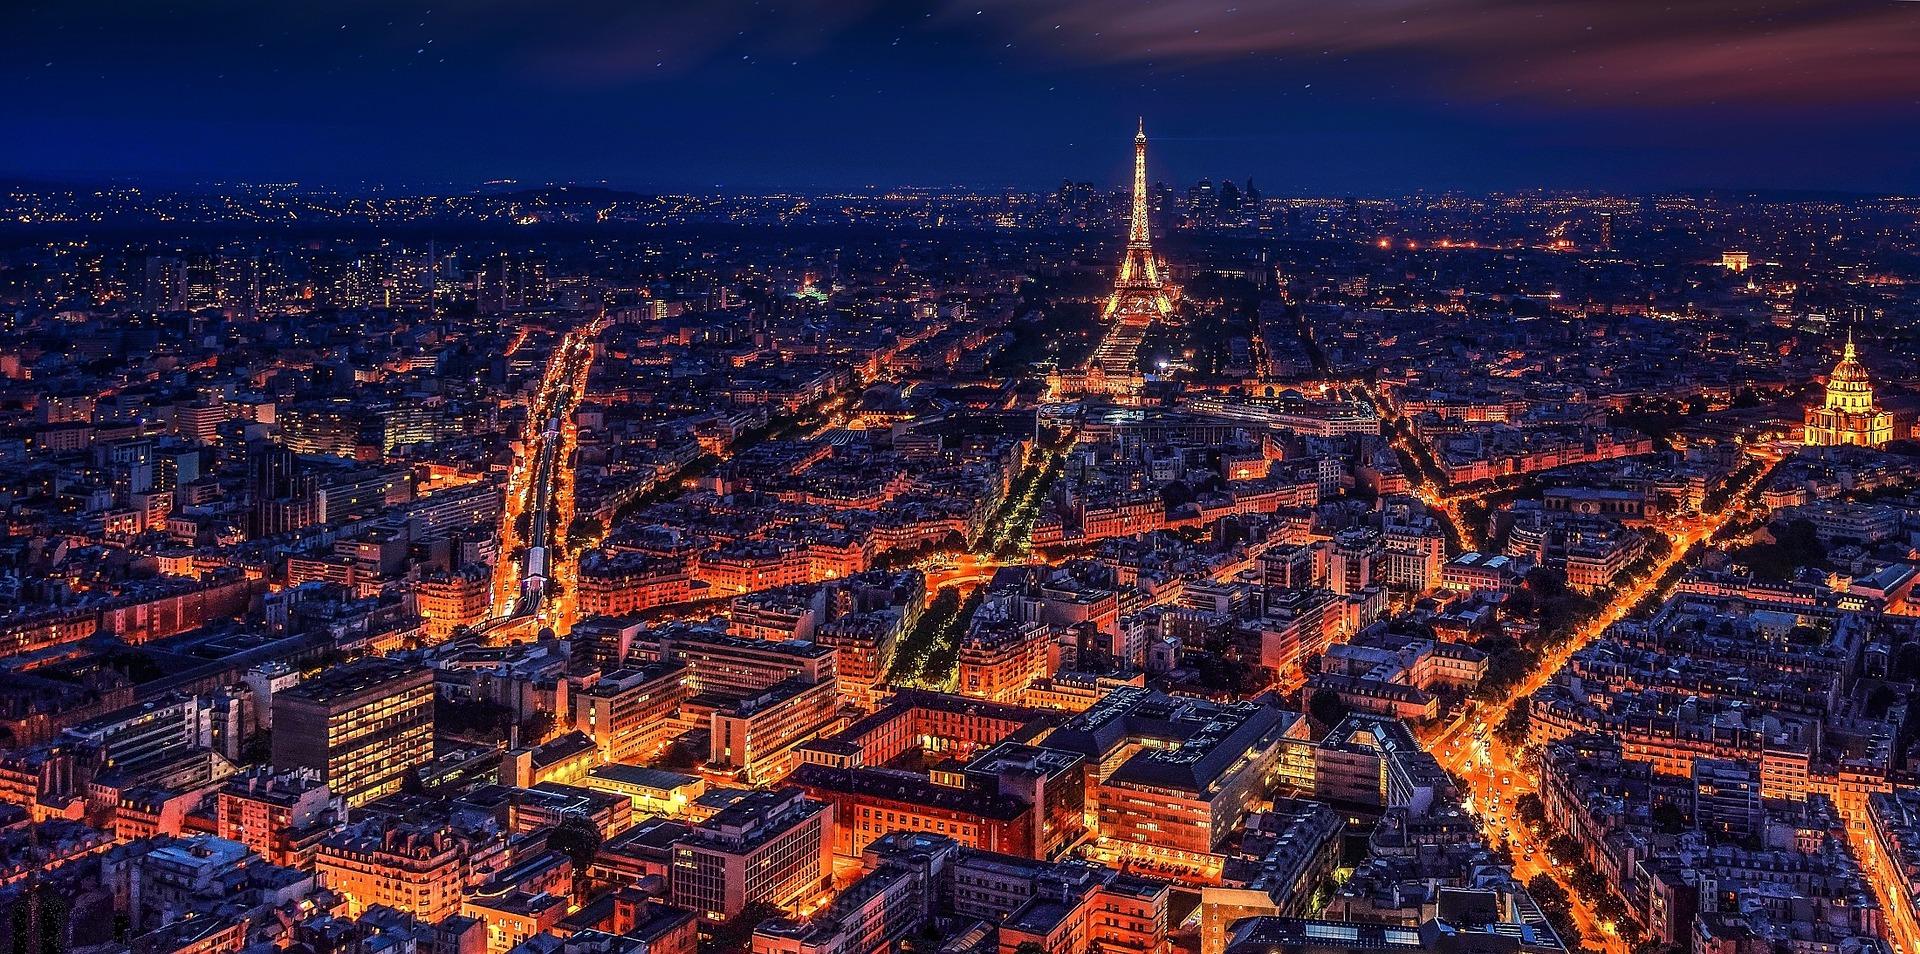 Lichtpuntjes in Parijs rust